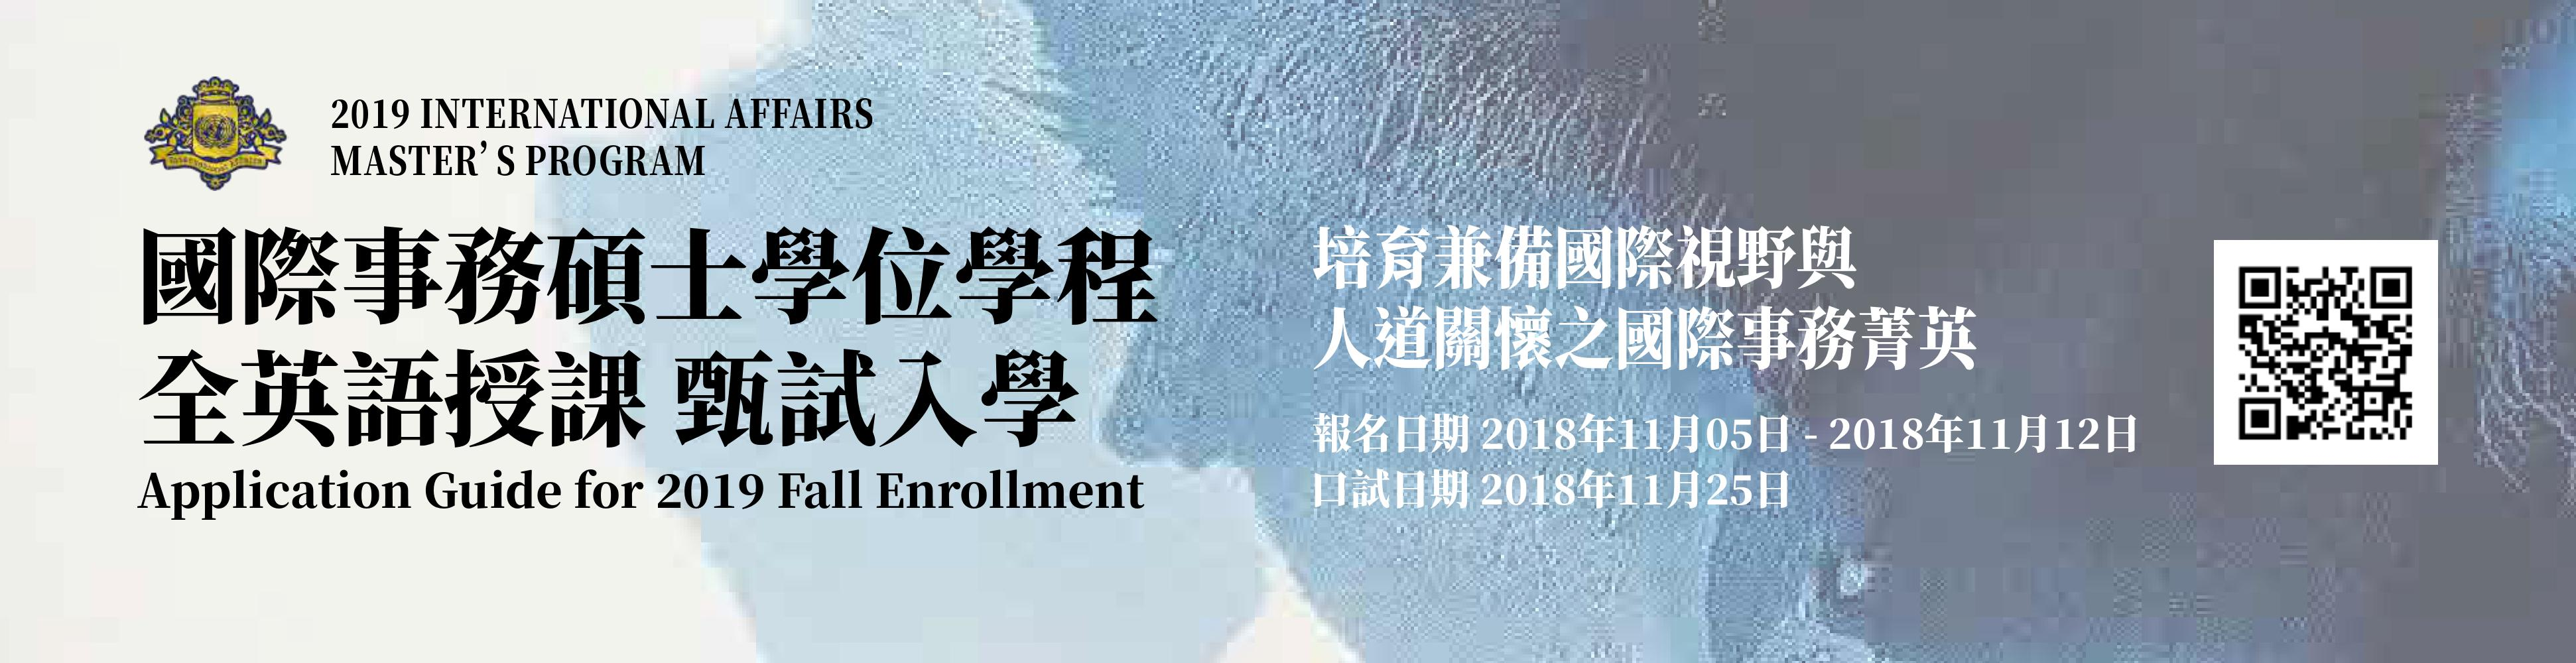 國際事務碩士學位學程 108學年度甄試入學招生(另開新視窗)